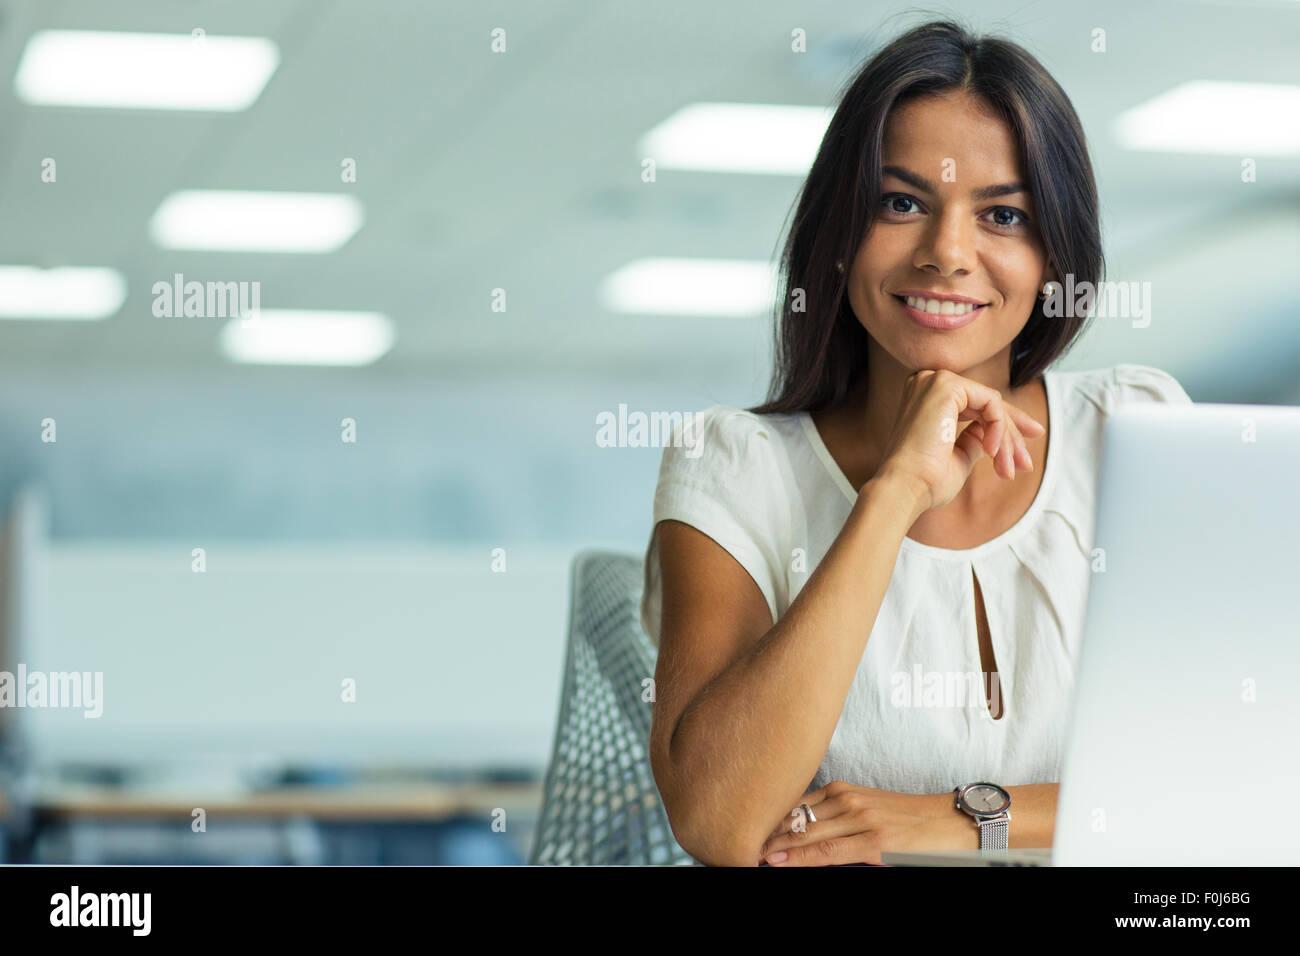 Ritratto di un sorridente imprenditrice lavoro in ufficio Immagini Stock